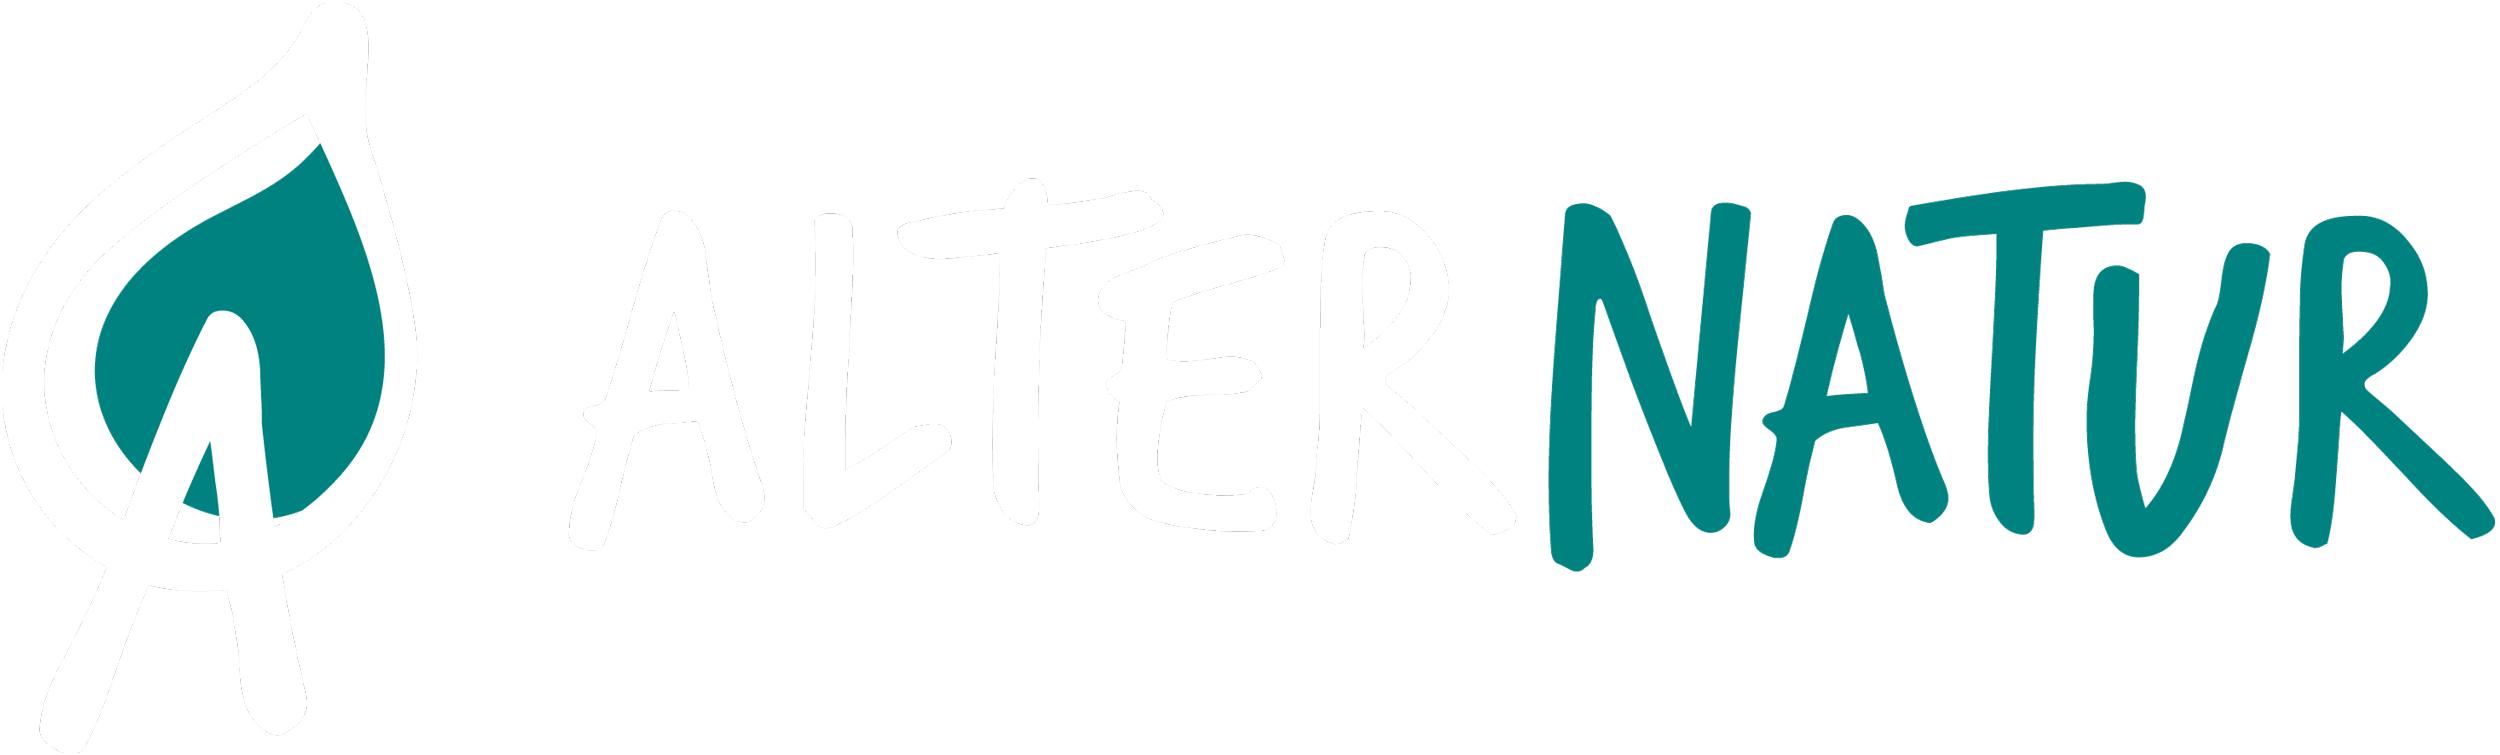 AlterNatur | Logo